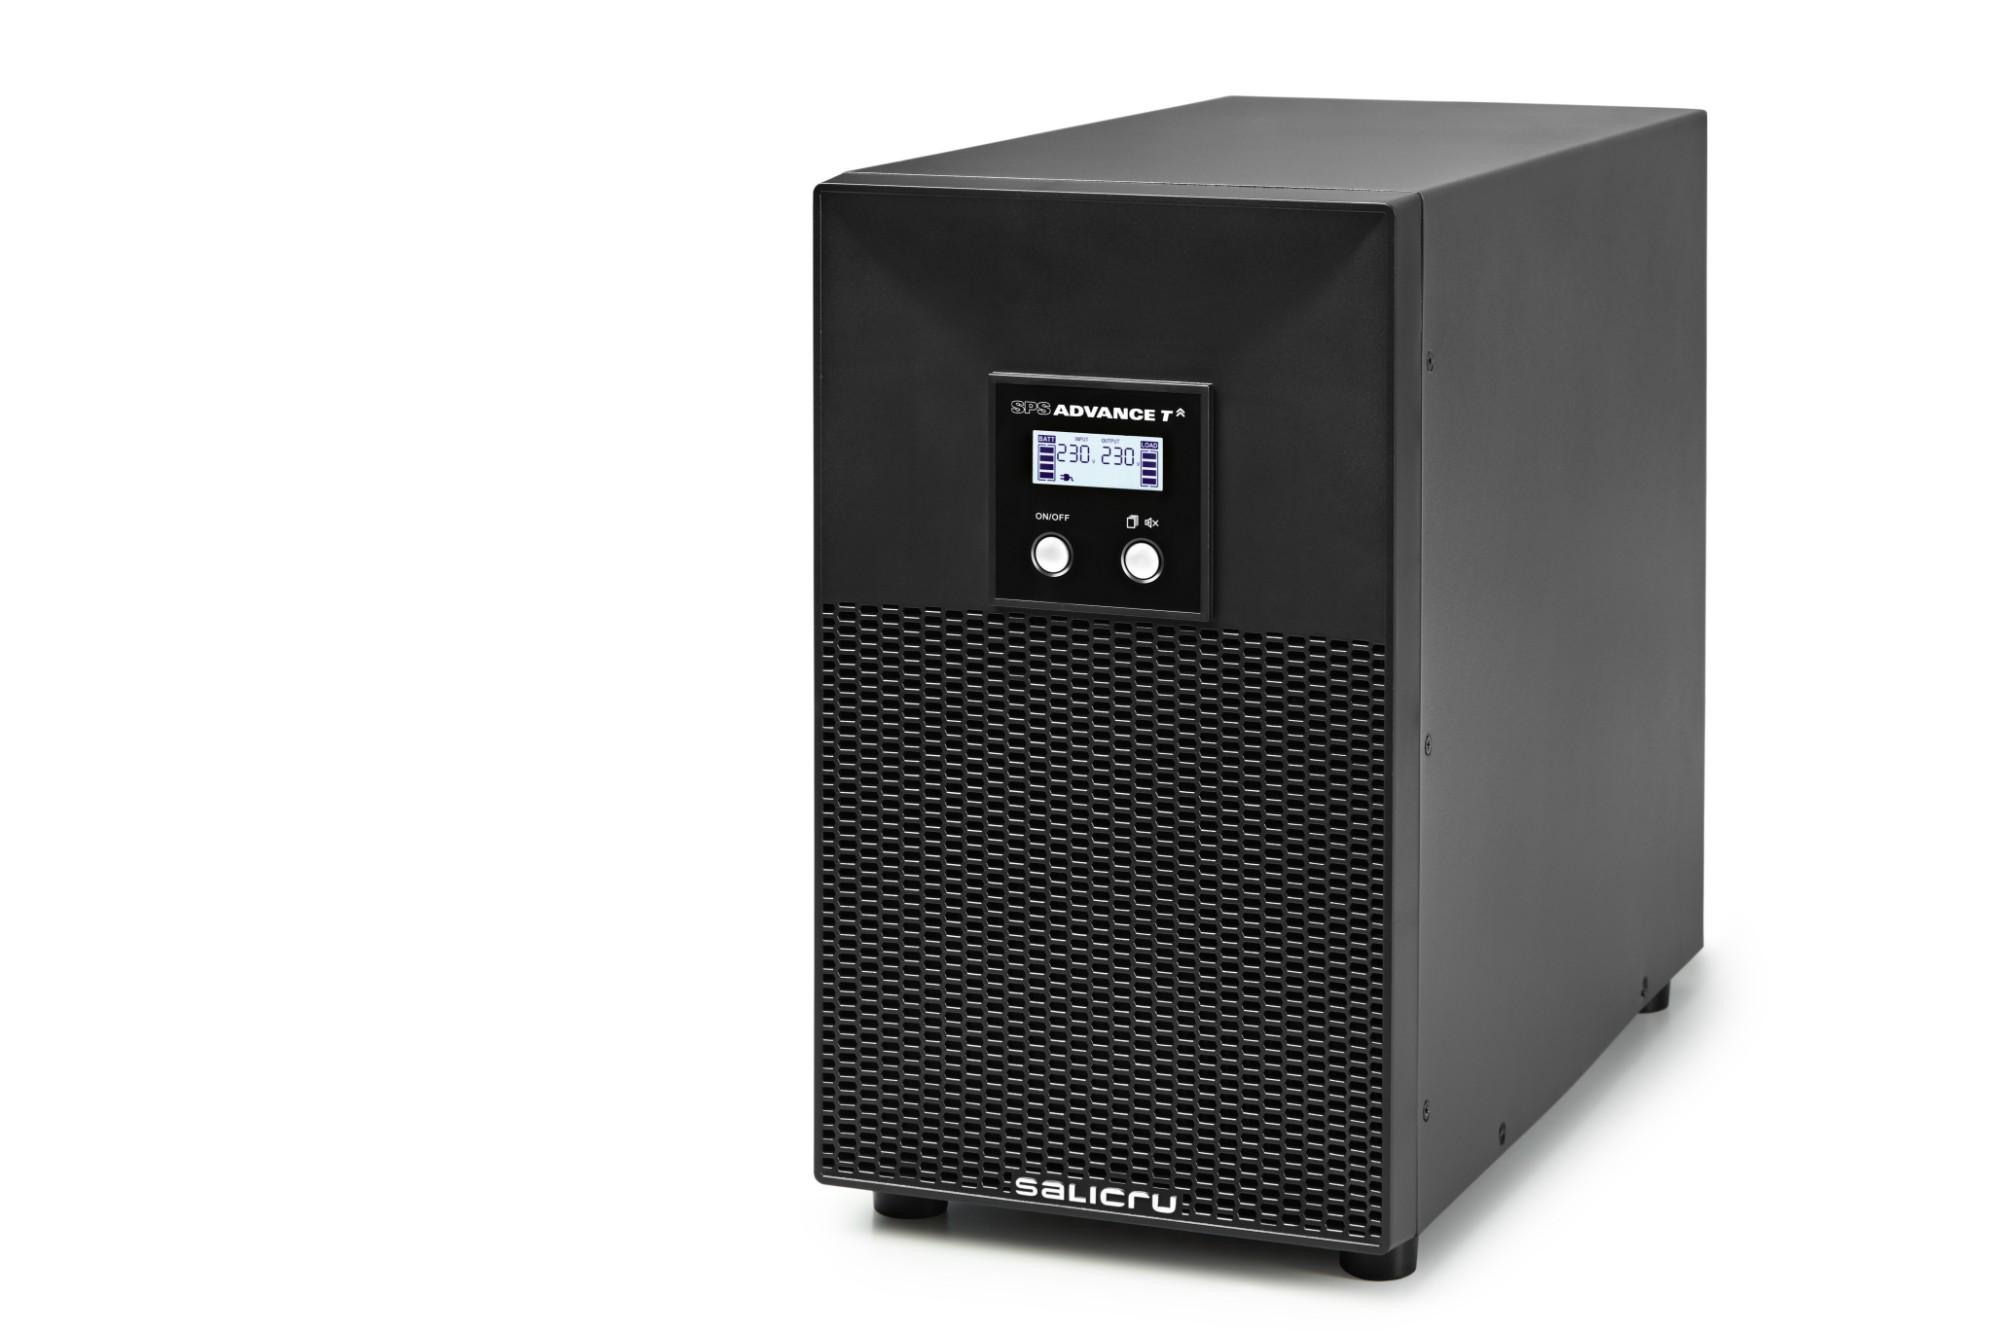 UPS Sps 3000 Adv T 3000va/2100w 4 X Iec C13 + Terminals Line Interactive Senoidal